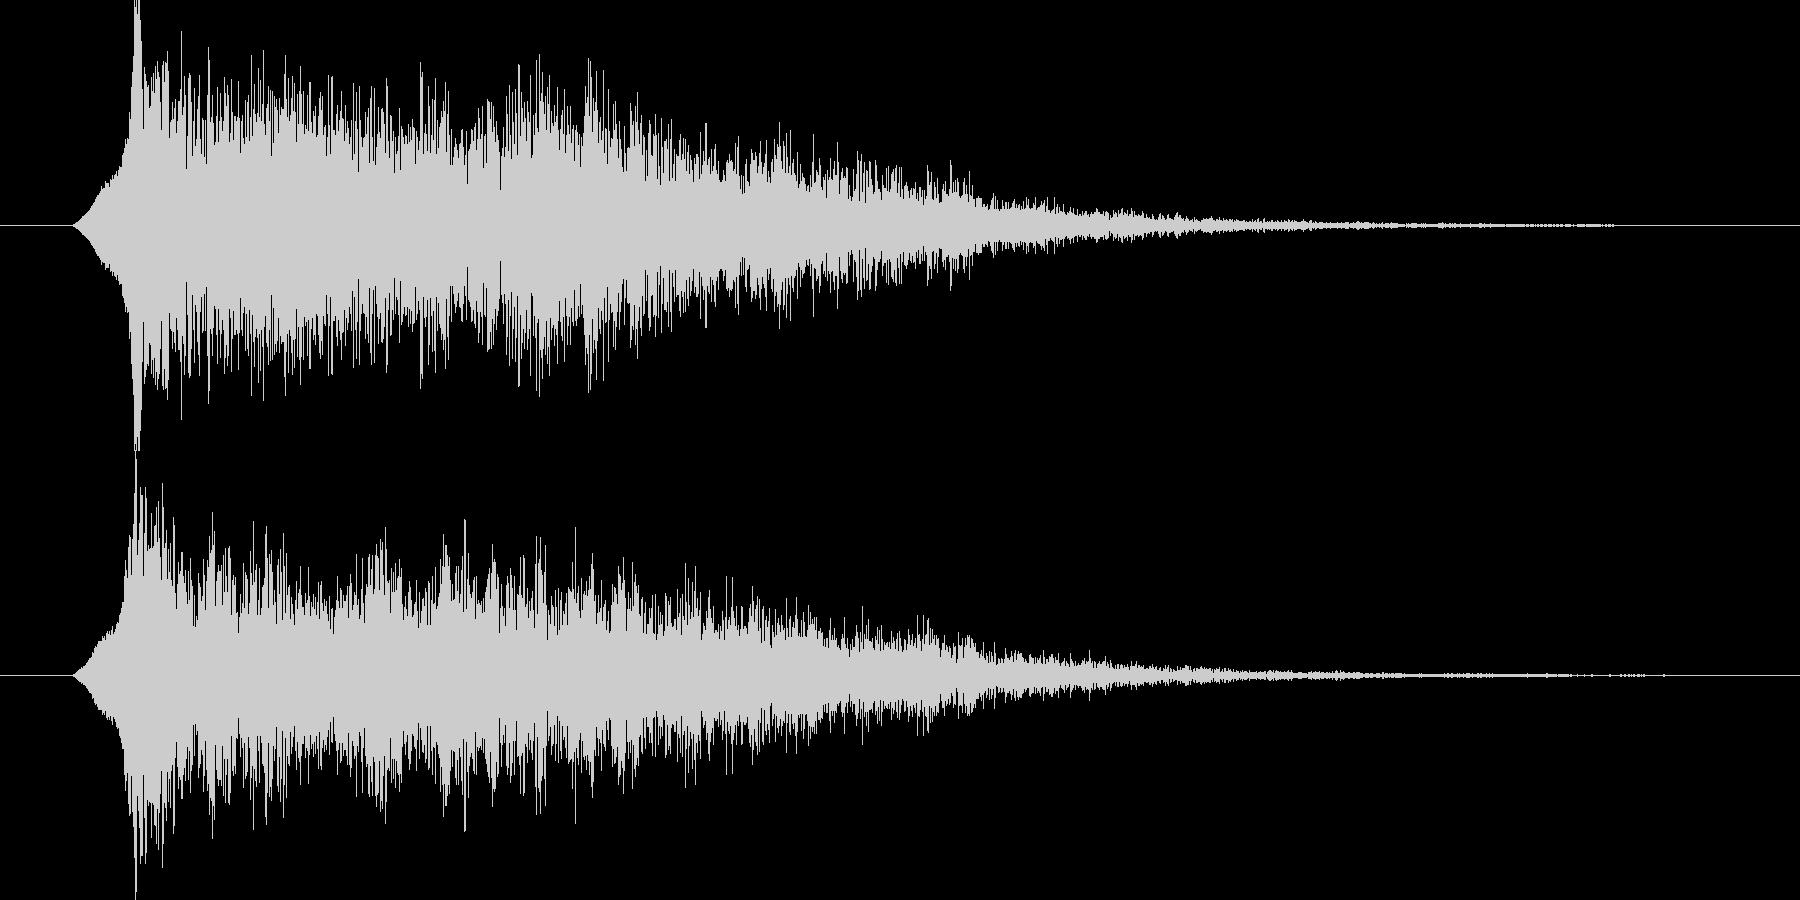 ジングル サウンドロゴ 13秒 近未来的の未再生の波形